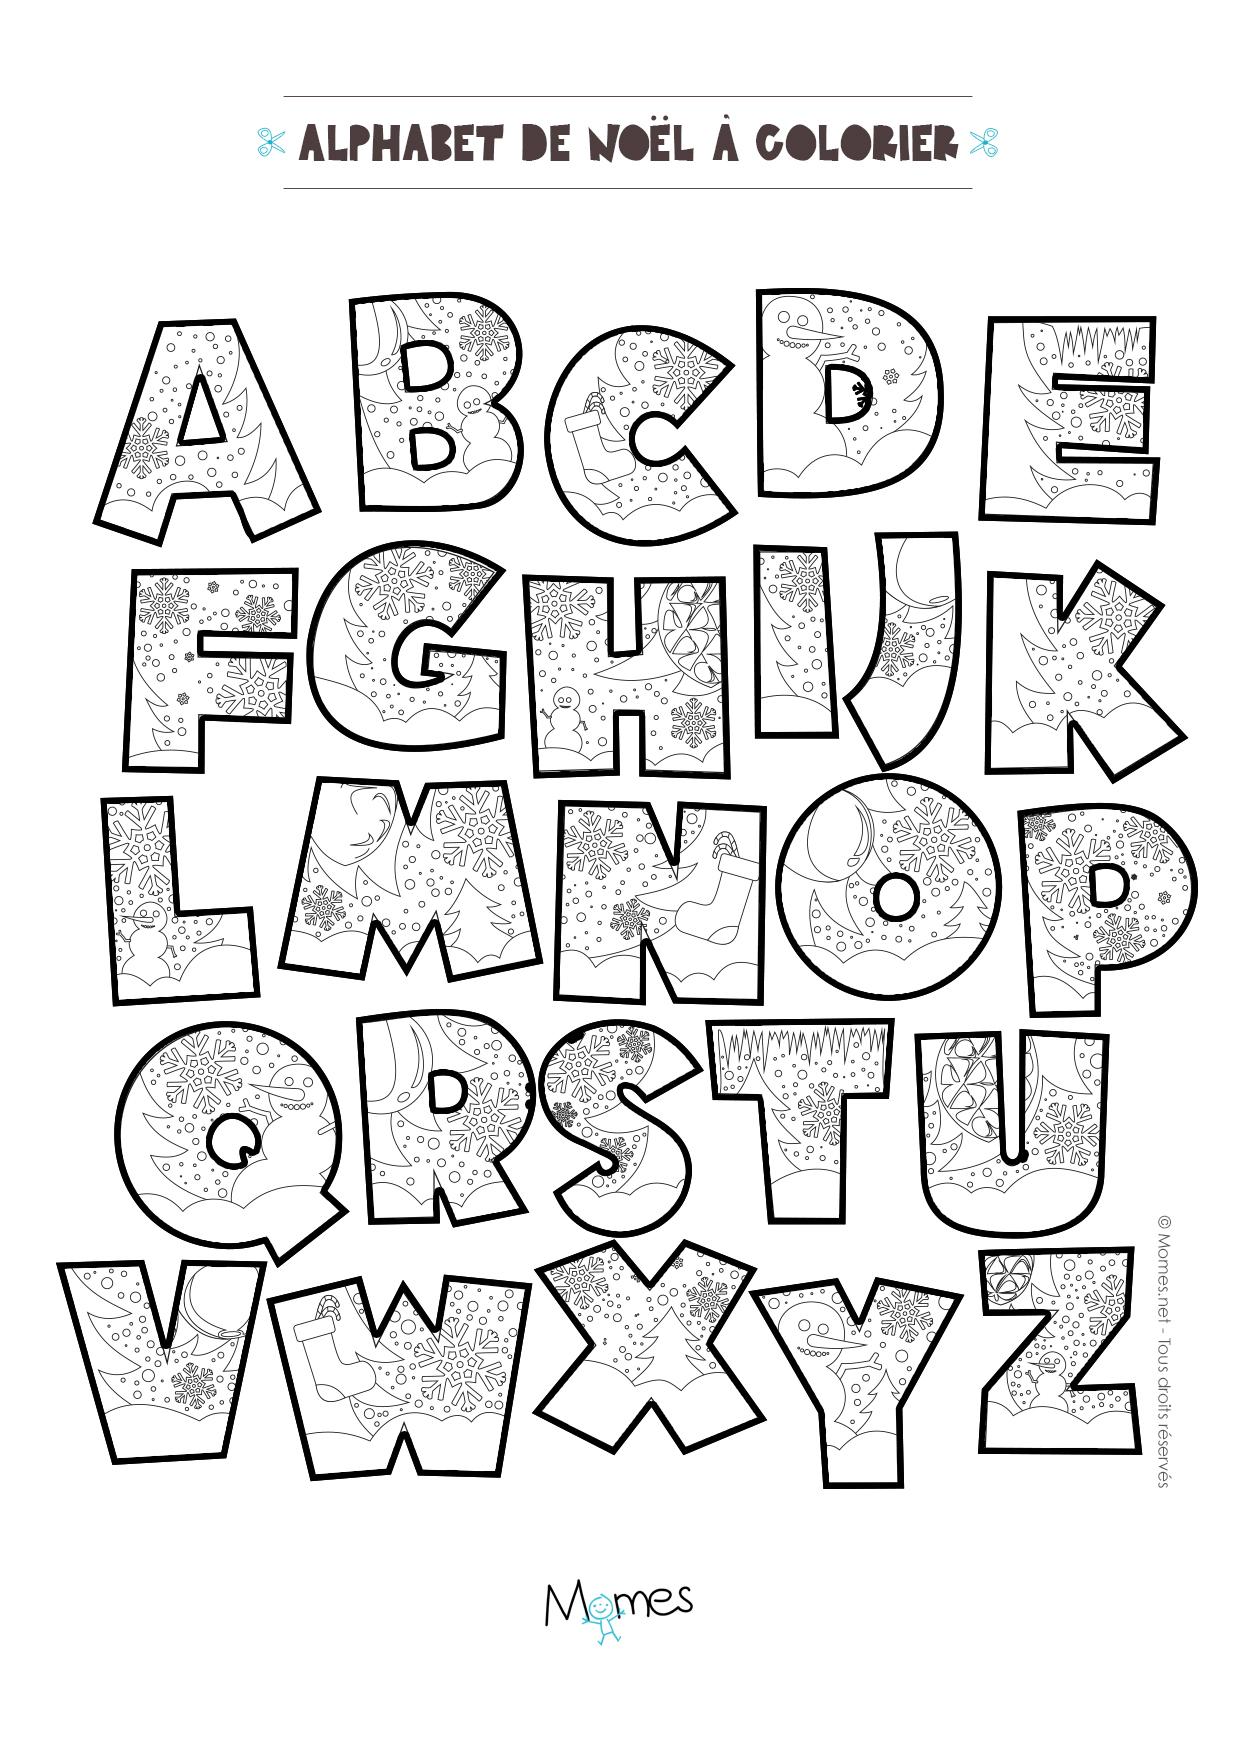 Coloriage Alphabet Francais.Coloriage Alphabet De Noel A Imprimer Momes Net